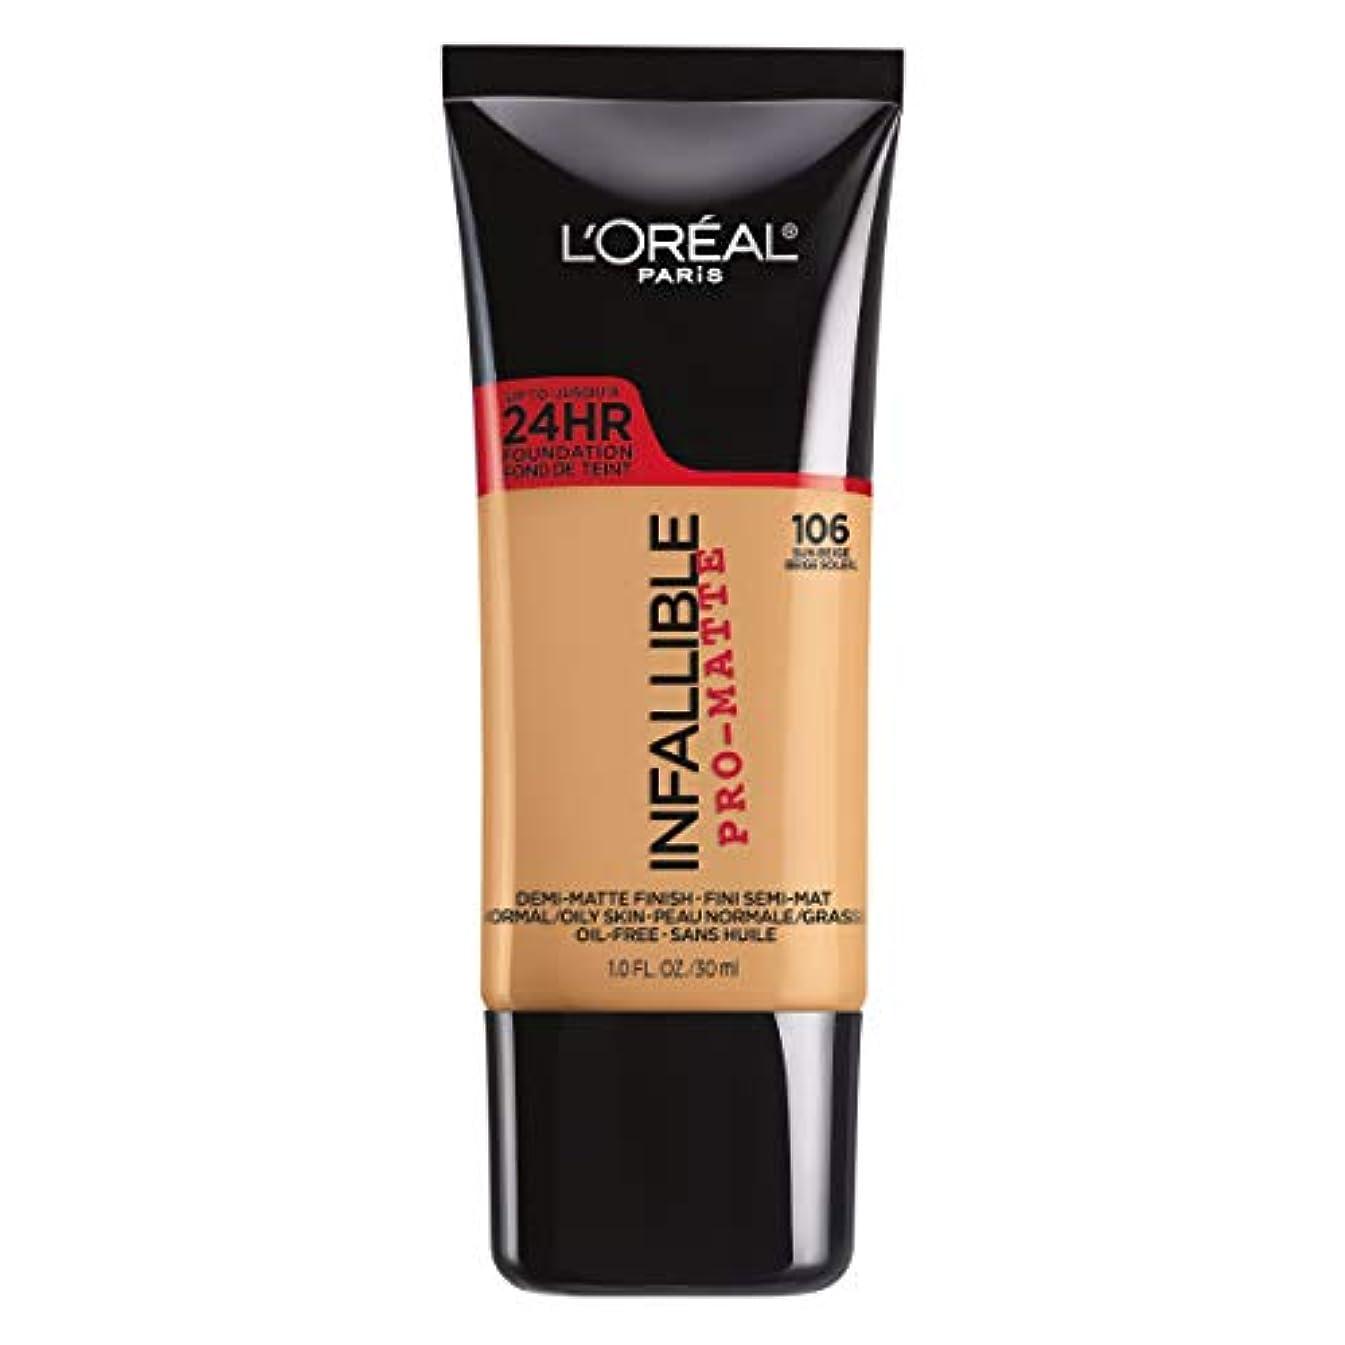 地中海救援最大のL'Oreal Paris Infallible Pro-Matte Foundation Makeup, 106 Sun Beige, 1 fl. oz[並行輸入品]